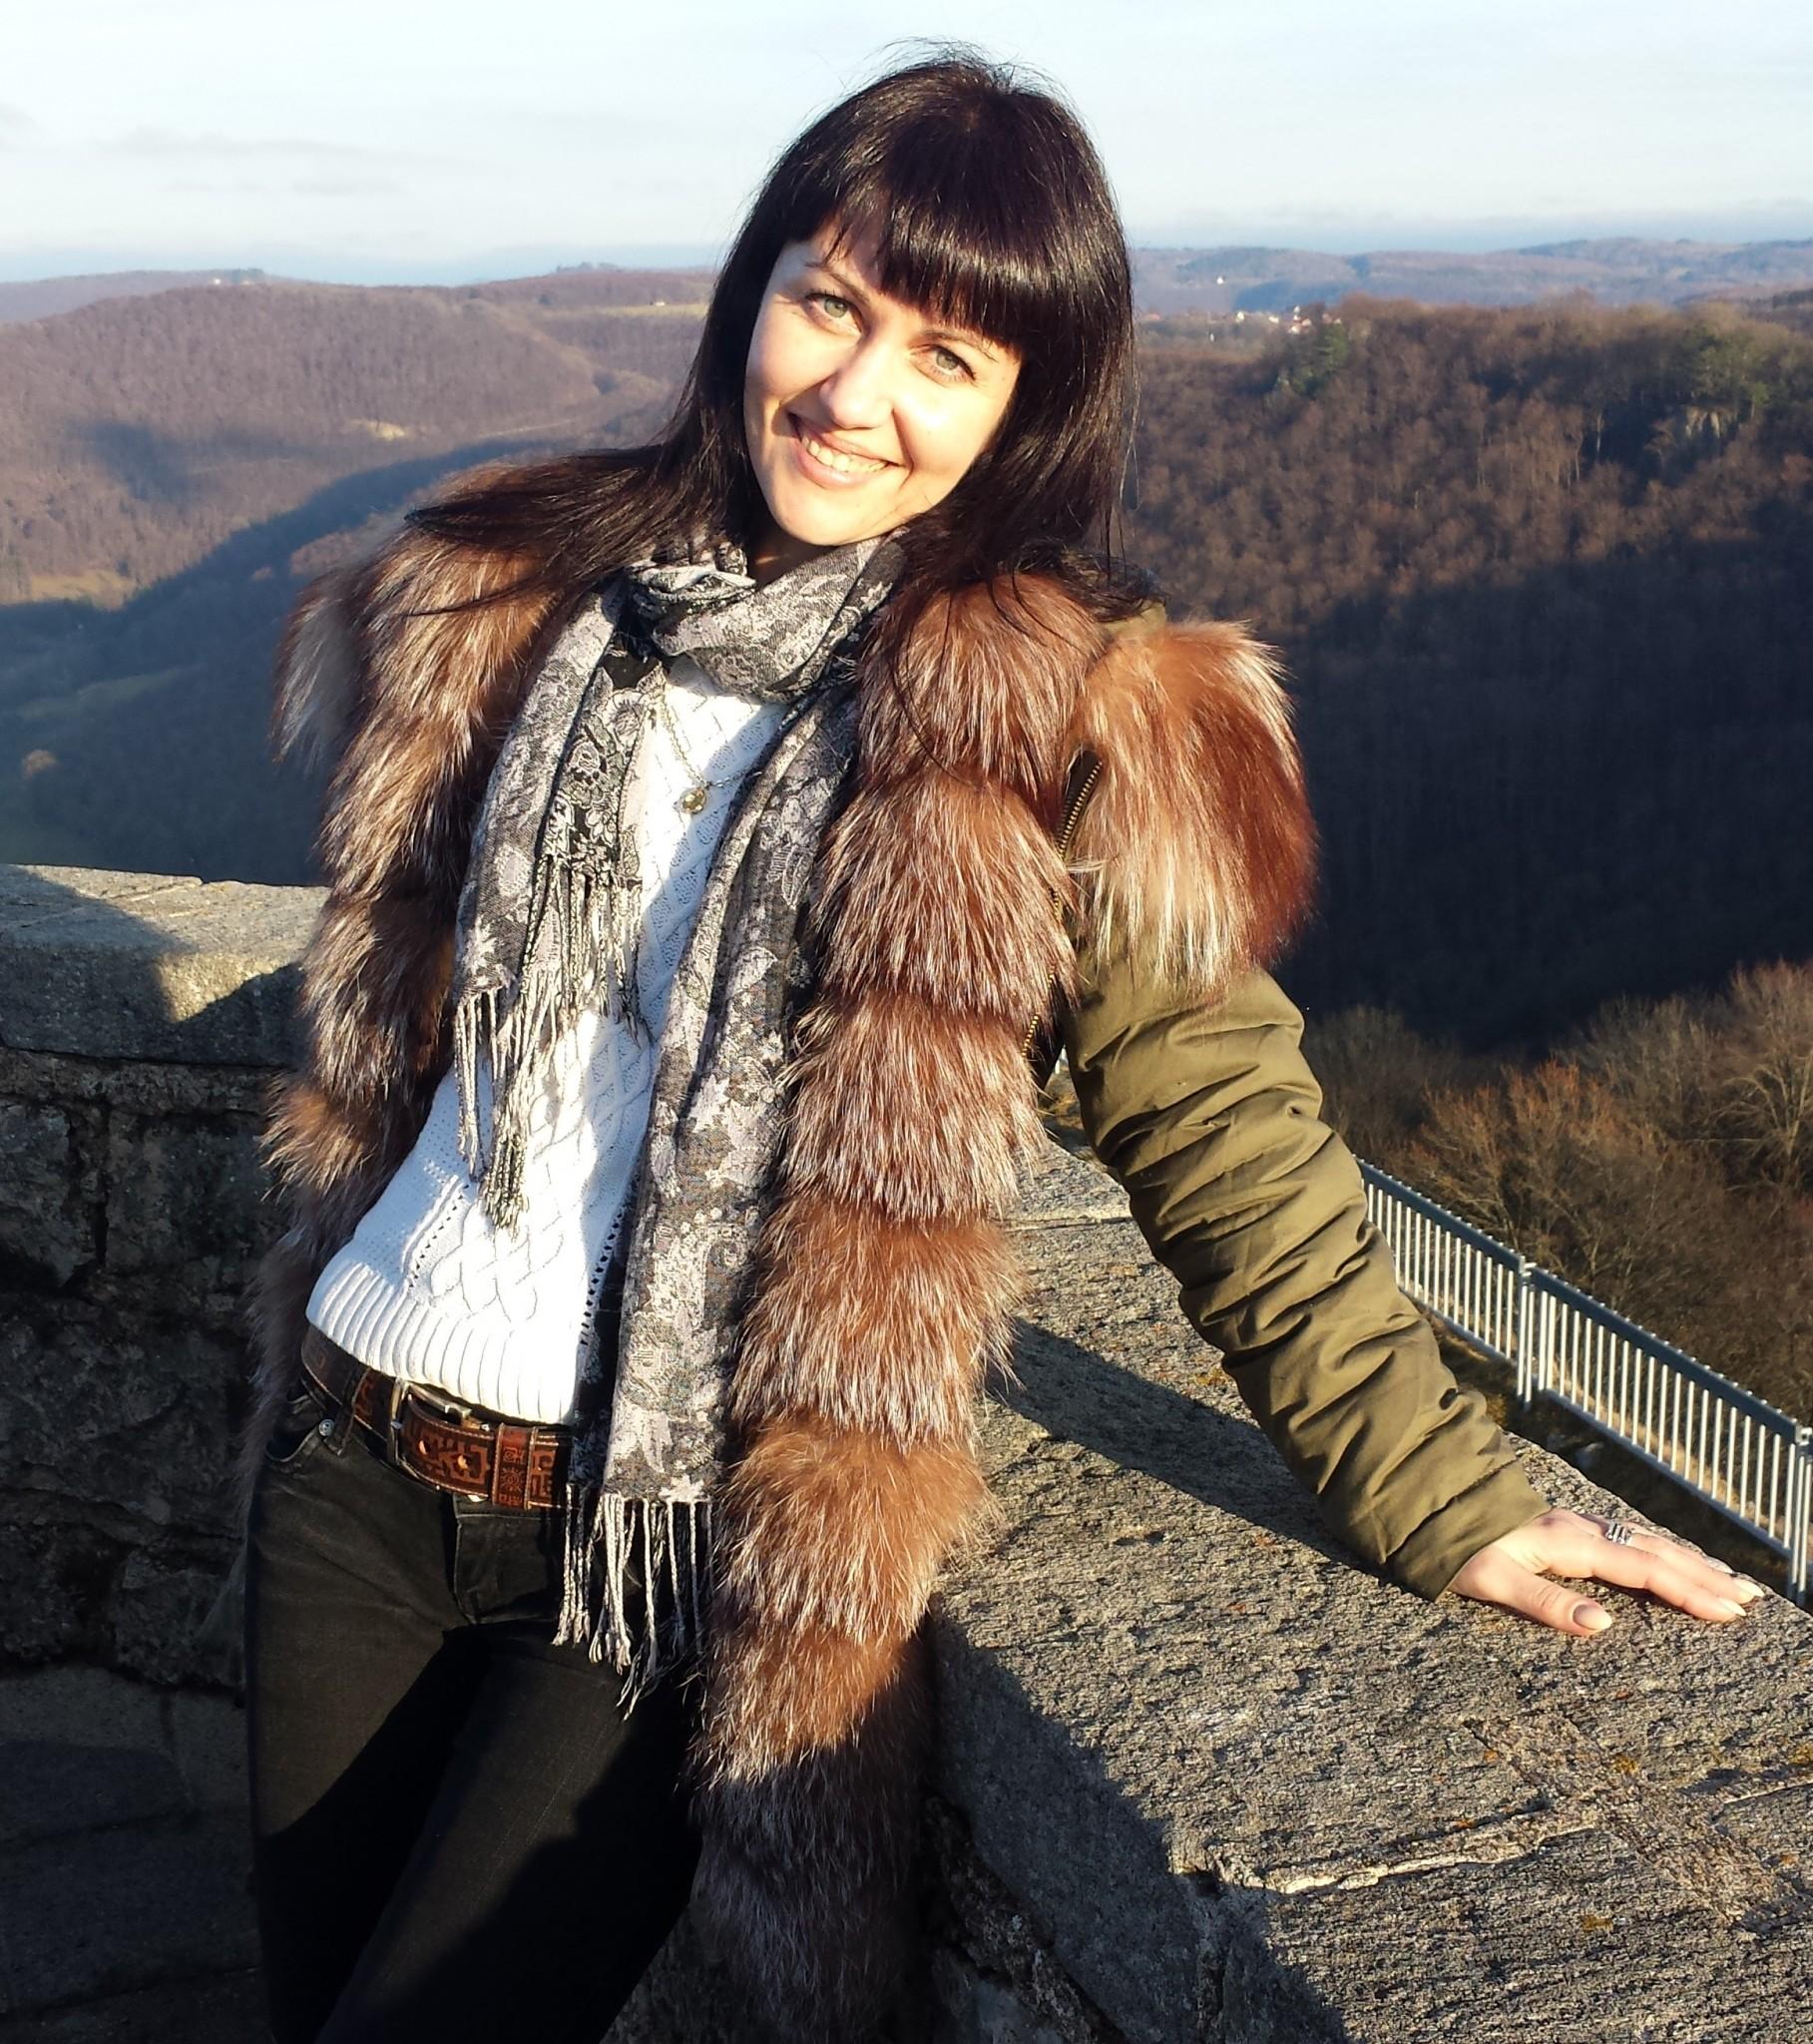 Olena Prisich